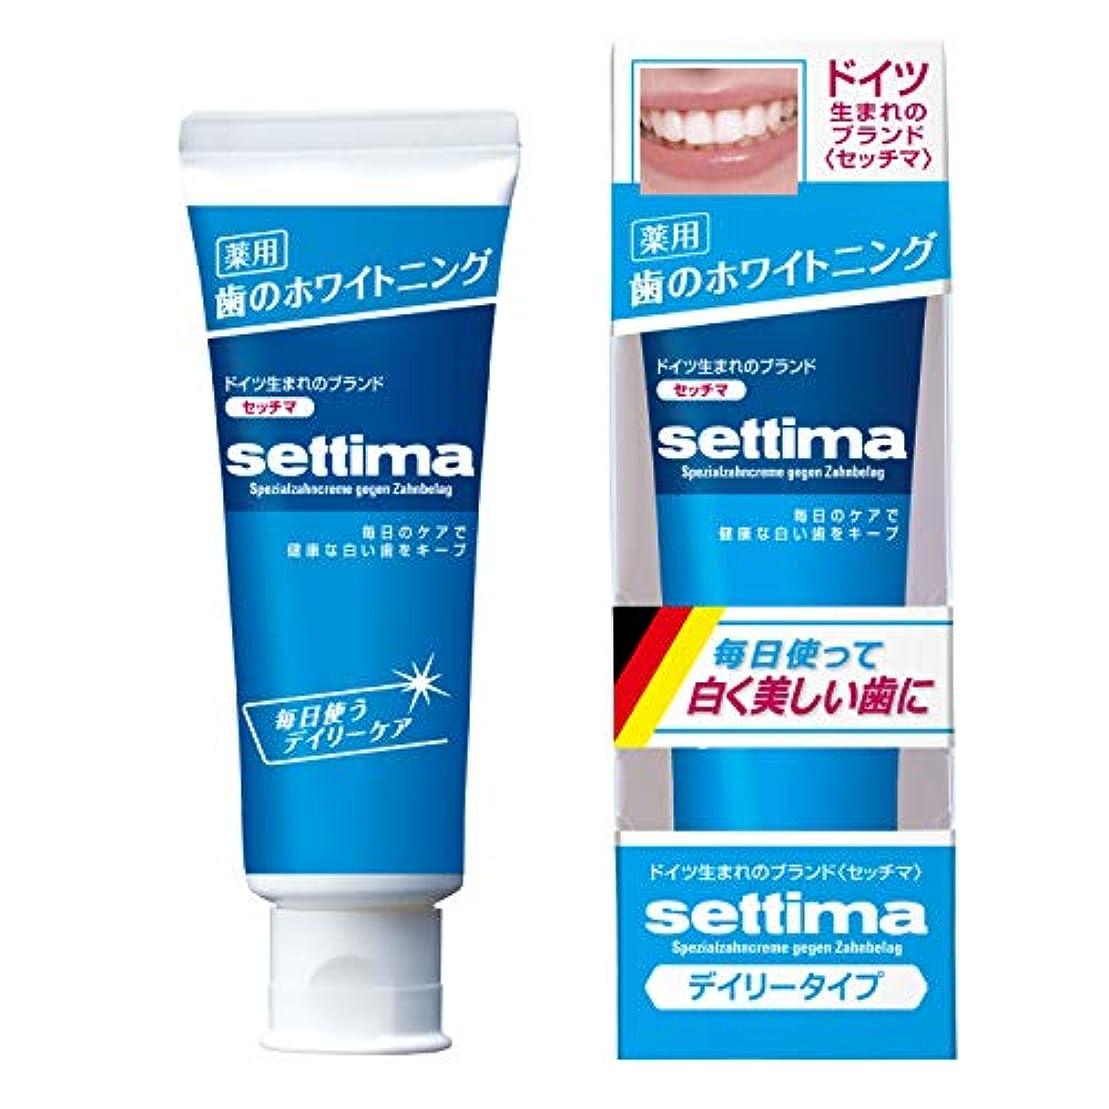 否定するフェードアウトコンプリートsettima(セッチマ) ホワイトニング 歯みがき デイリーケア [ファインミントタイプ]  80g